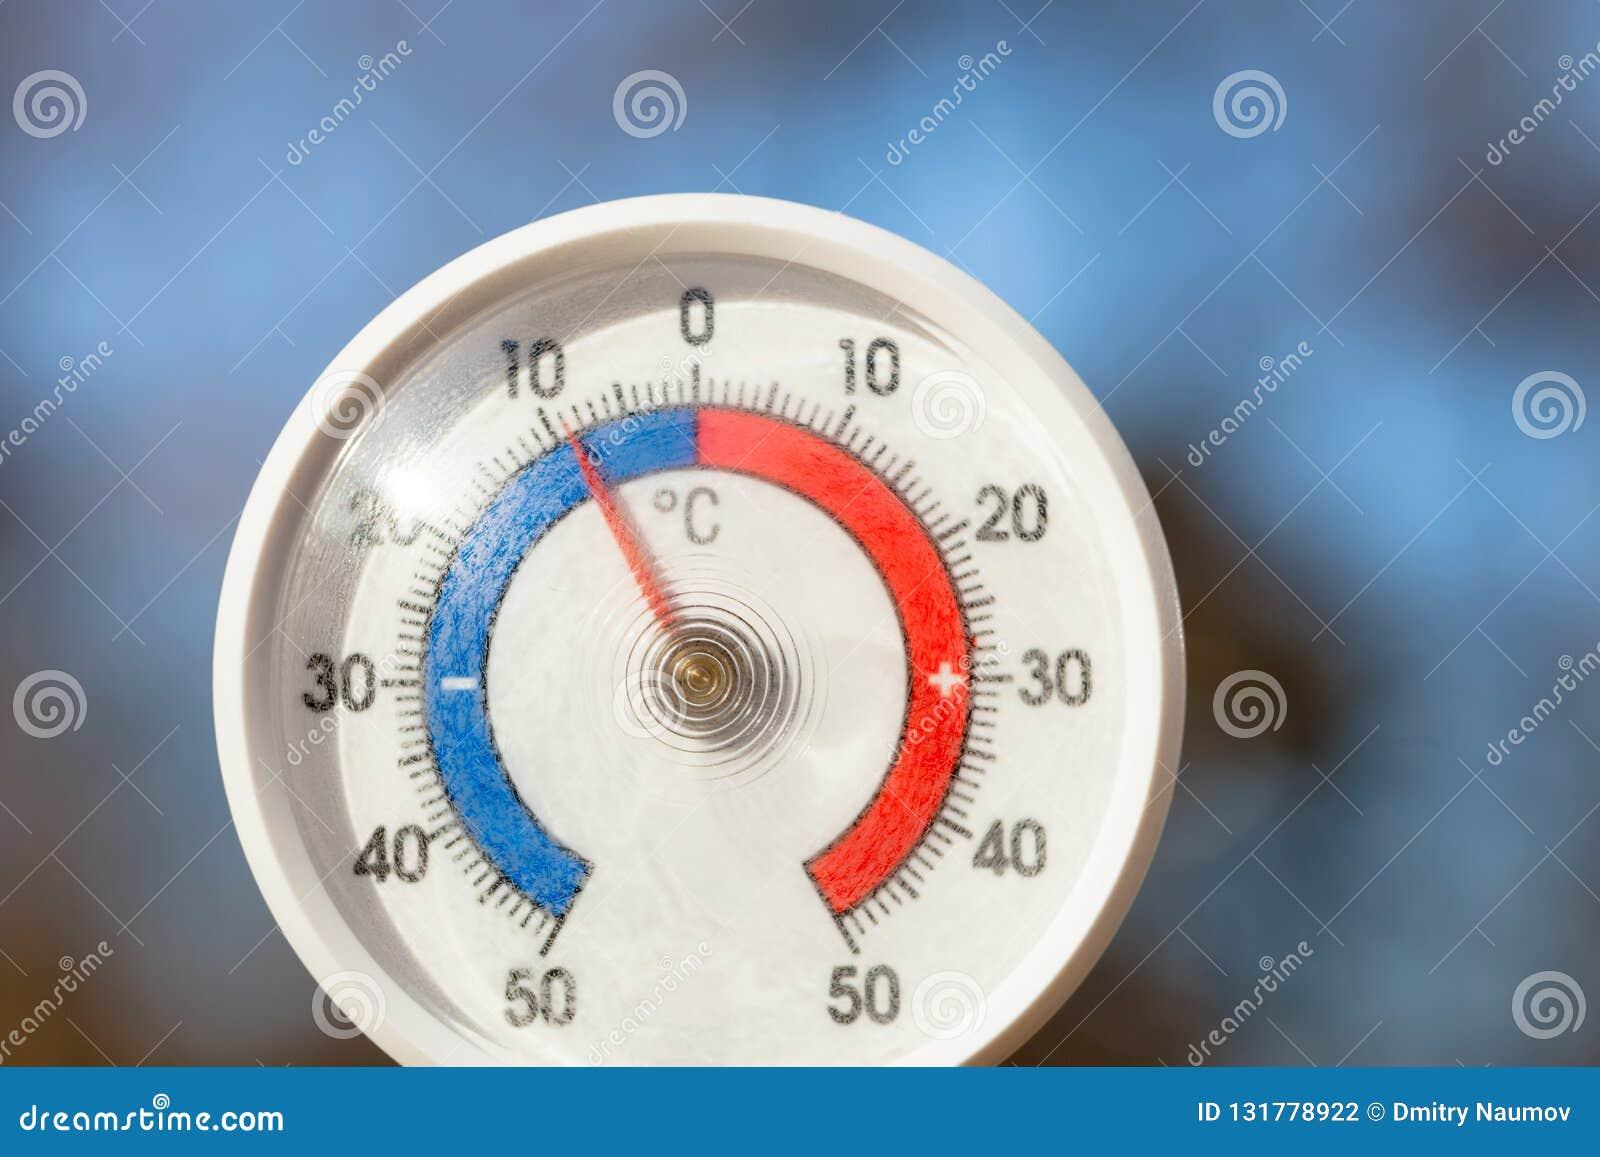 На открытом воздухе термометр с масштабом Градуса цельсия показывая строгую замерзая температуру